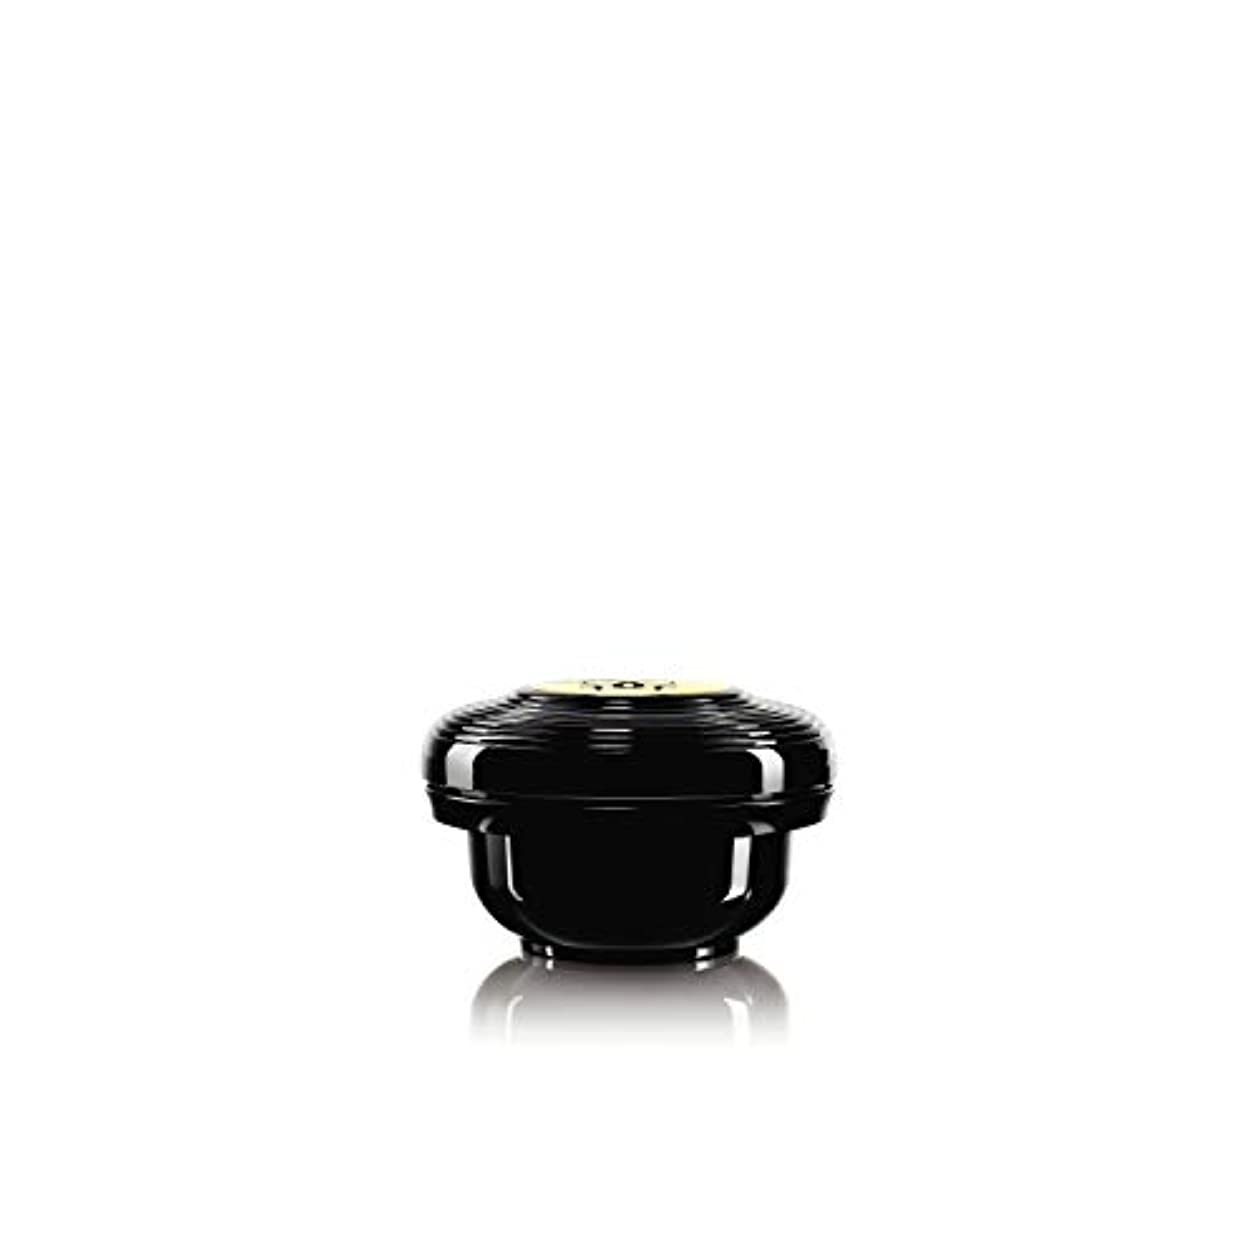 認識バー未来【GUERLAIN(ゲラン)】オーキデ アンペリアル ブラック クリーム ベルナルド(リフィル)50mL/クリーム